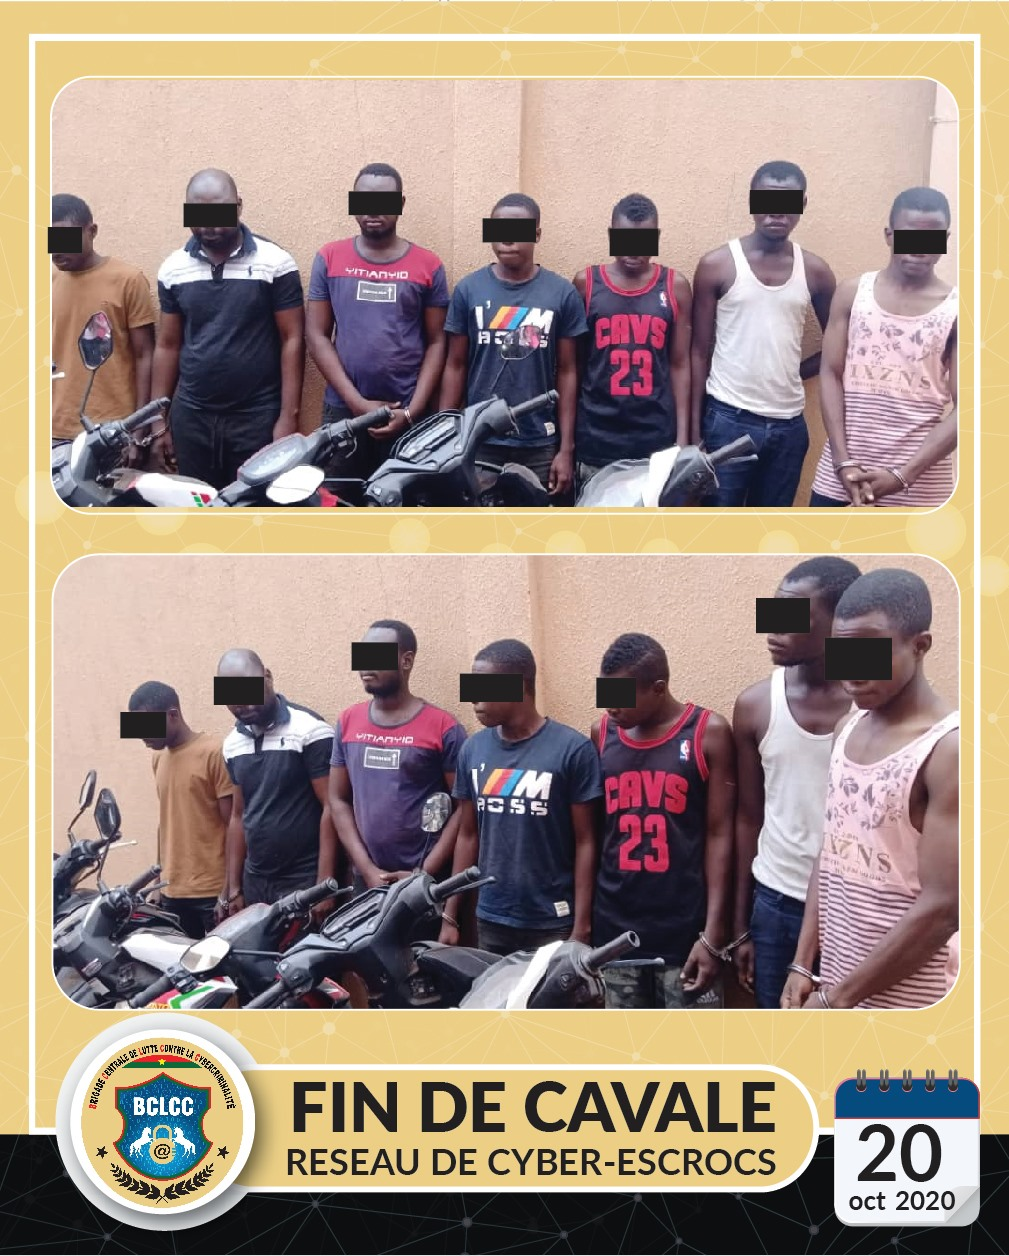 Cybercriminalité : deux réseaux de cyber escrocs mis aux arrêts par la Brigade Centrale de Lutte Contre la Cybercriminalité.